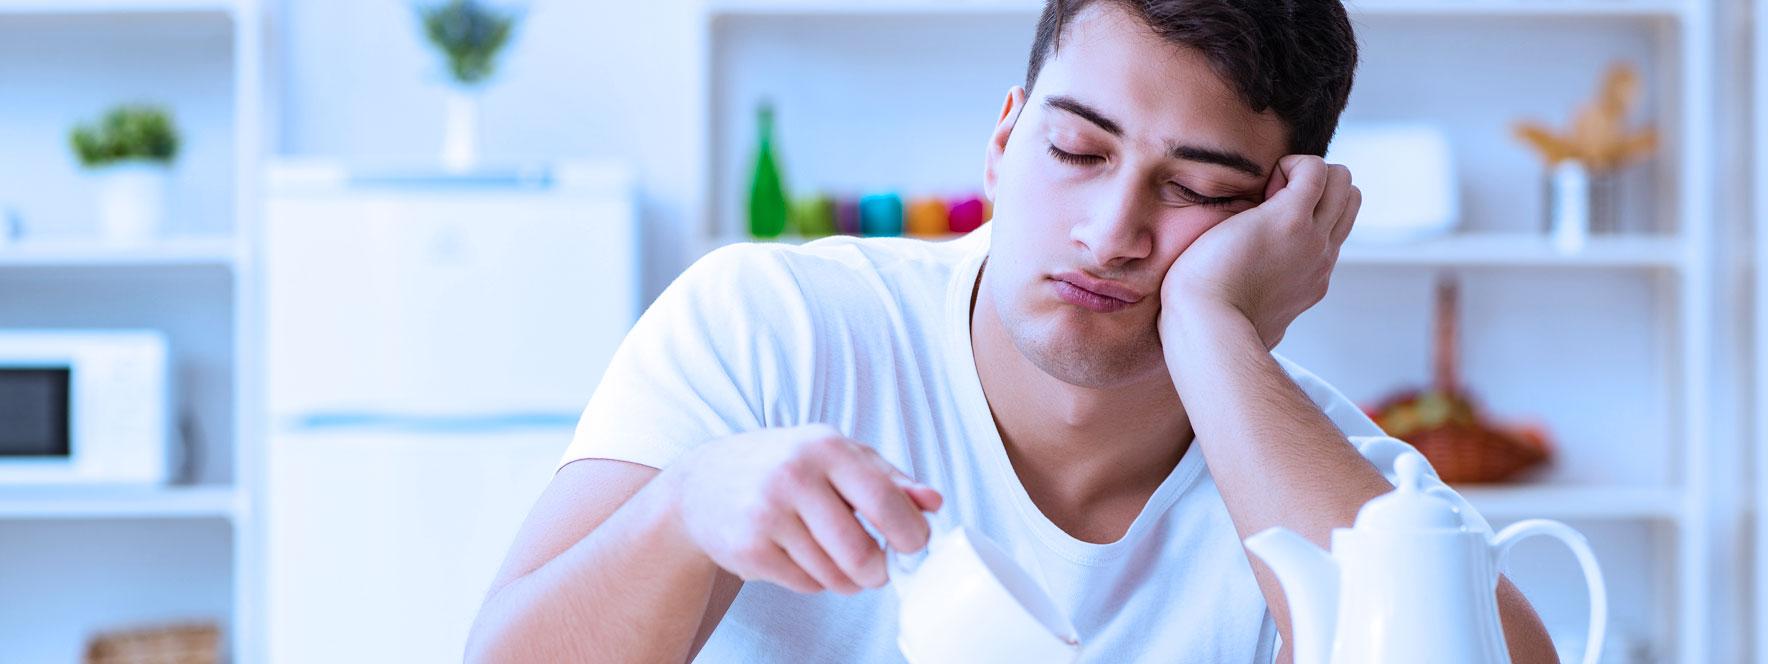 La fatigue et la massothérapie | Le Réseau